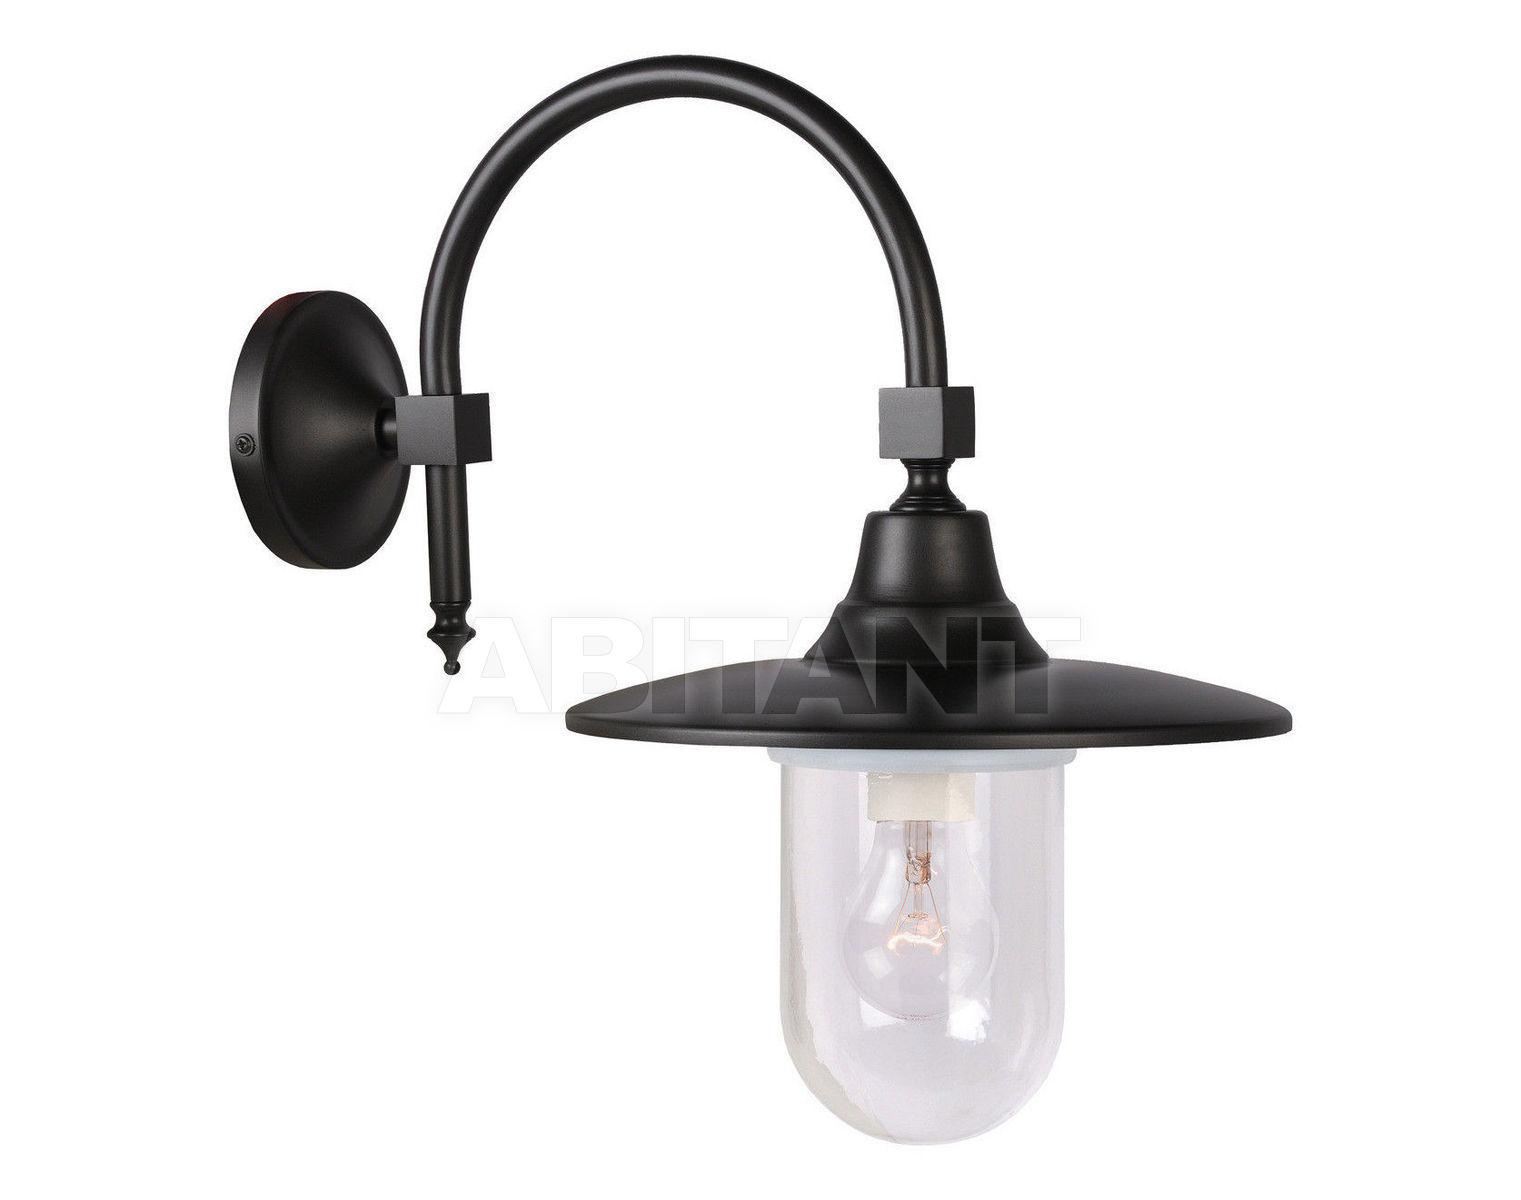 Купить Фасадный светильник Lucide  Outdoor 2013 31852/01/15